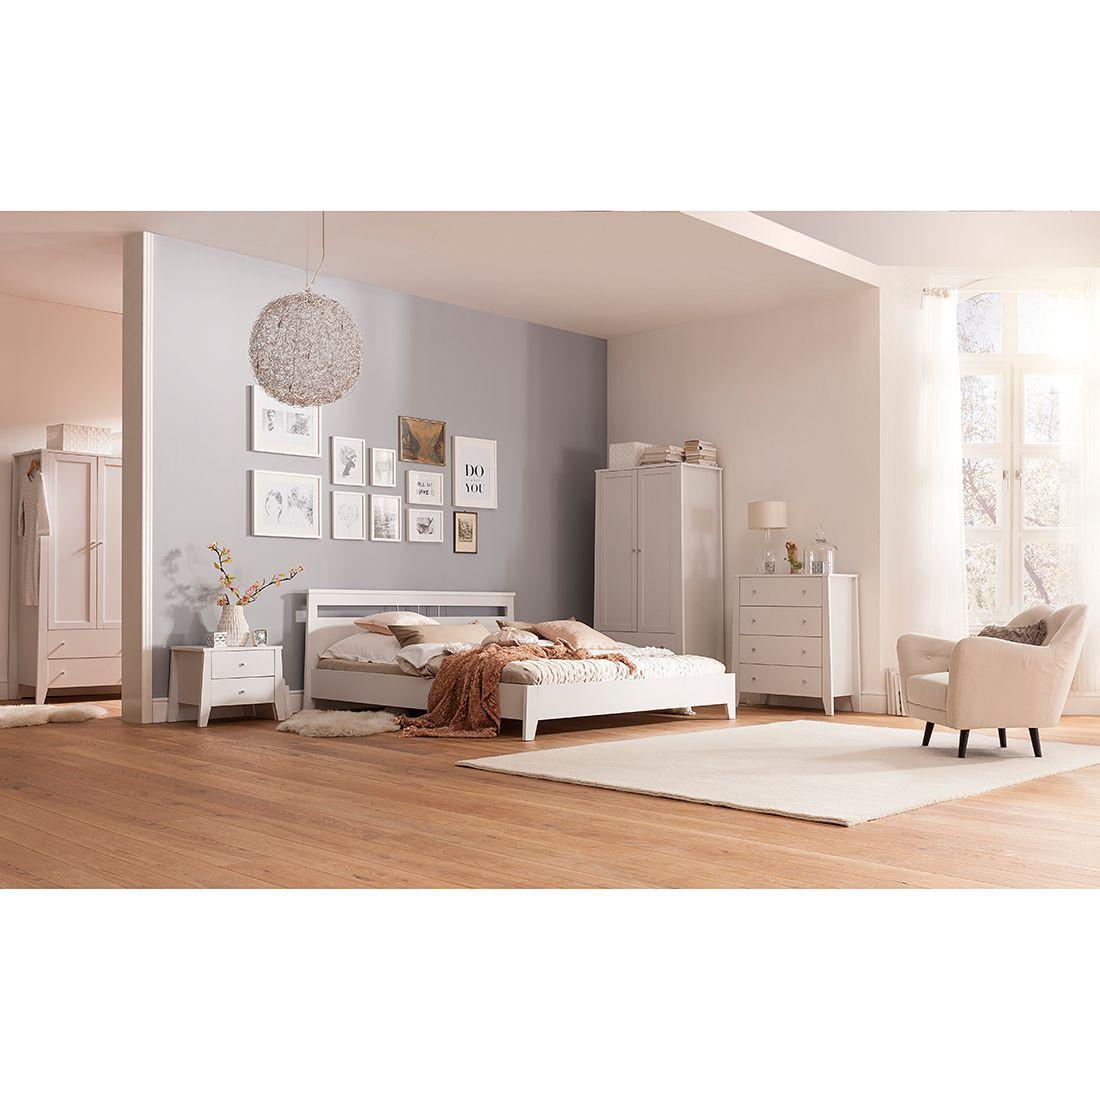 Schlafzimmermöbel - Nachtkommode Mallund - Maison Belfort - Weiss